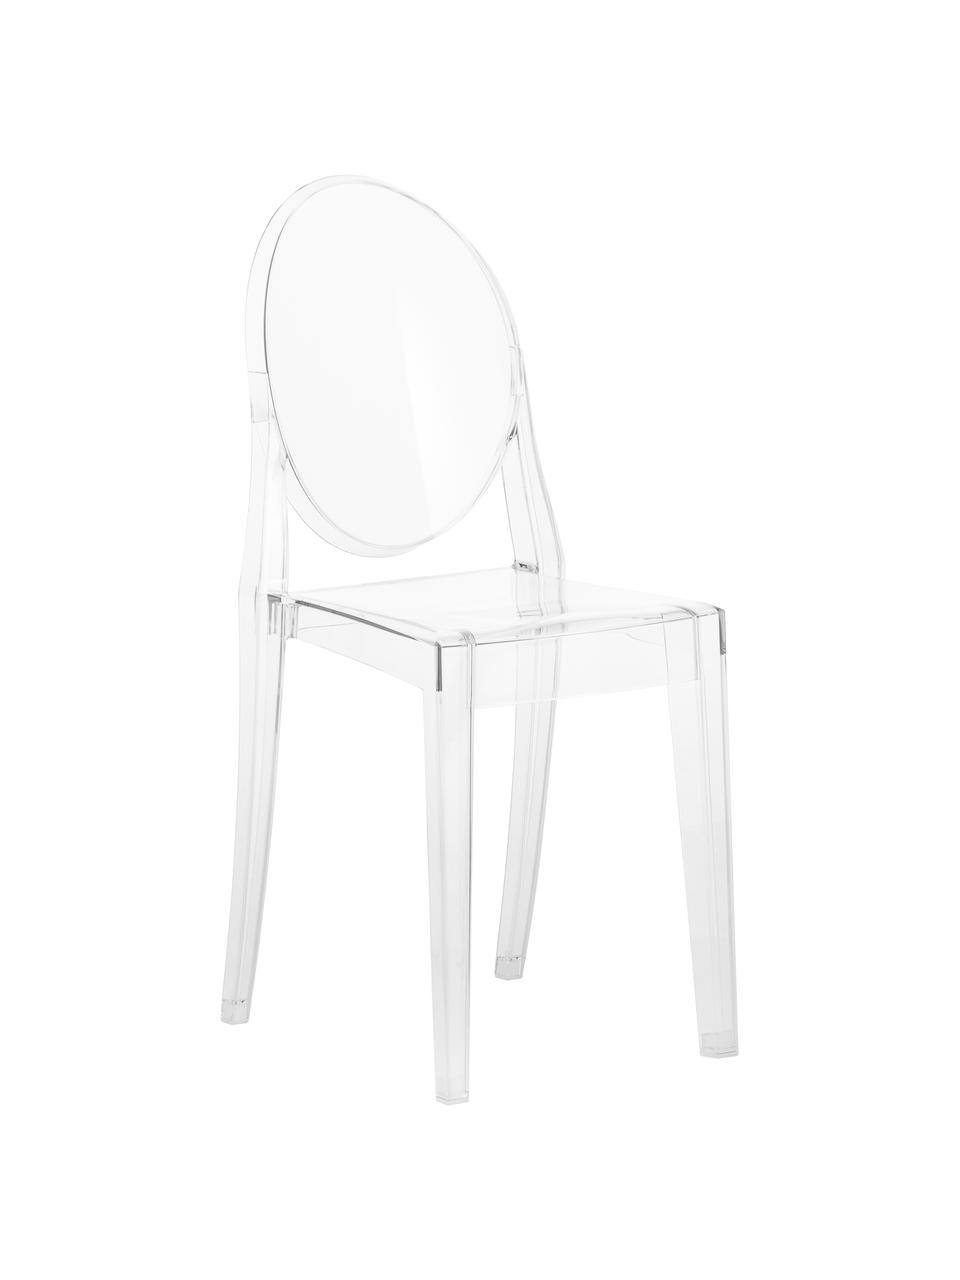 Průhledná židle Ghost, Transparentní